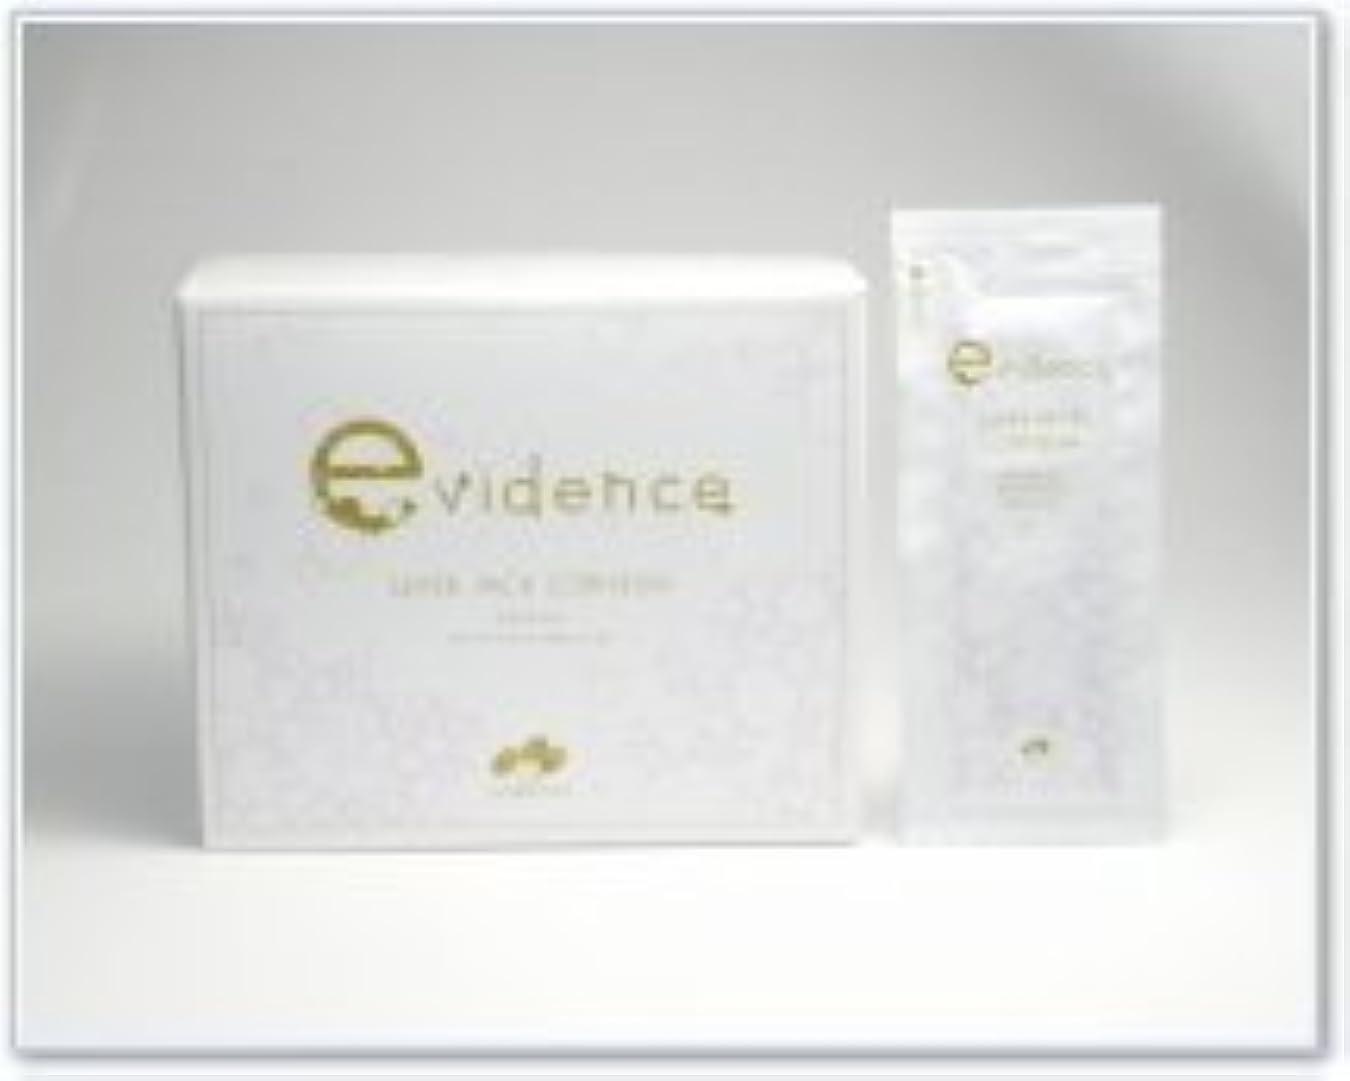 CAC エヴィデンス スーパーパックコルニューム 5ml x 30包